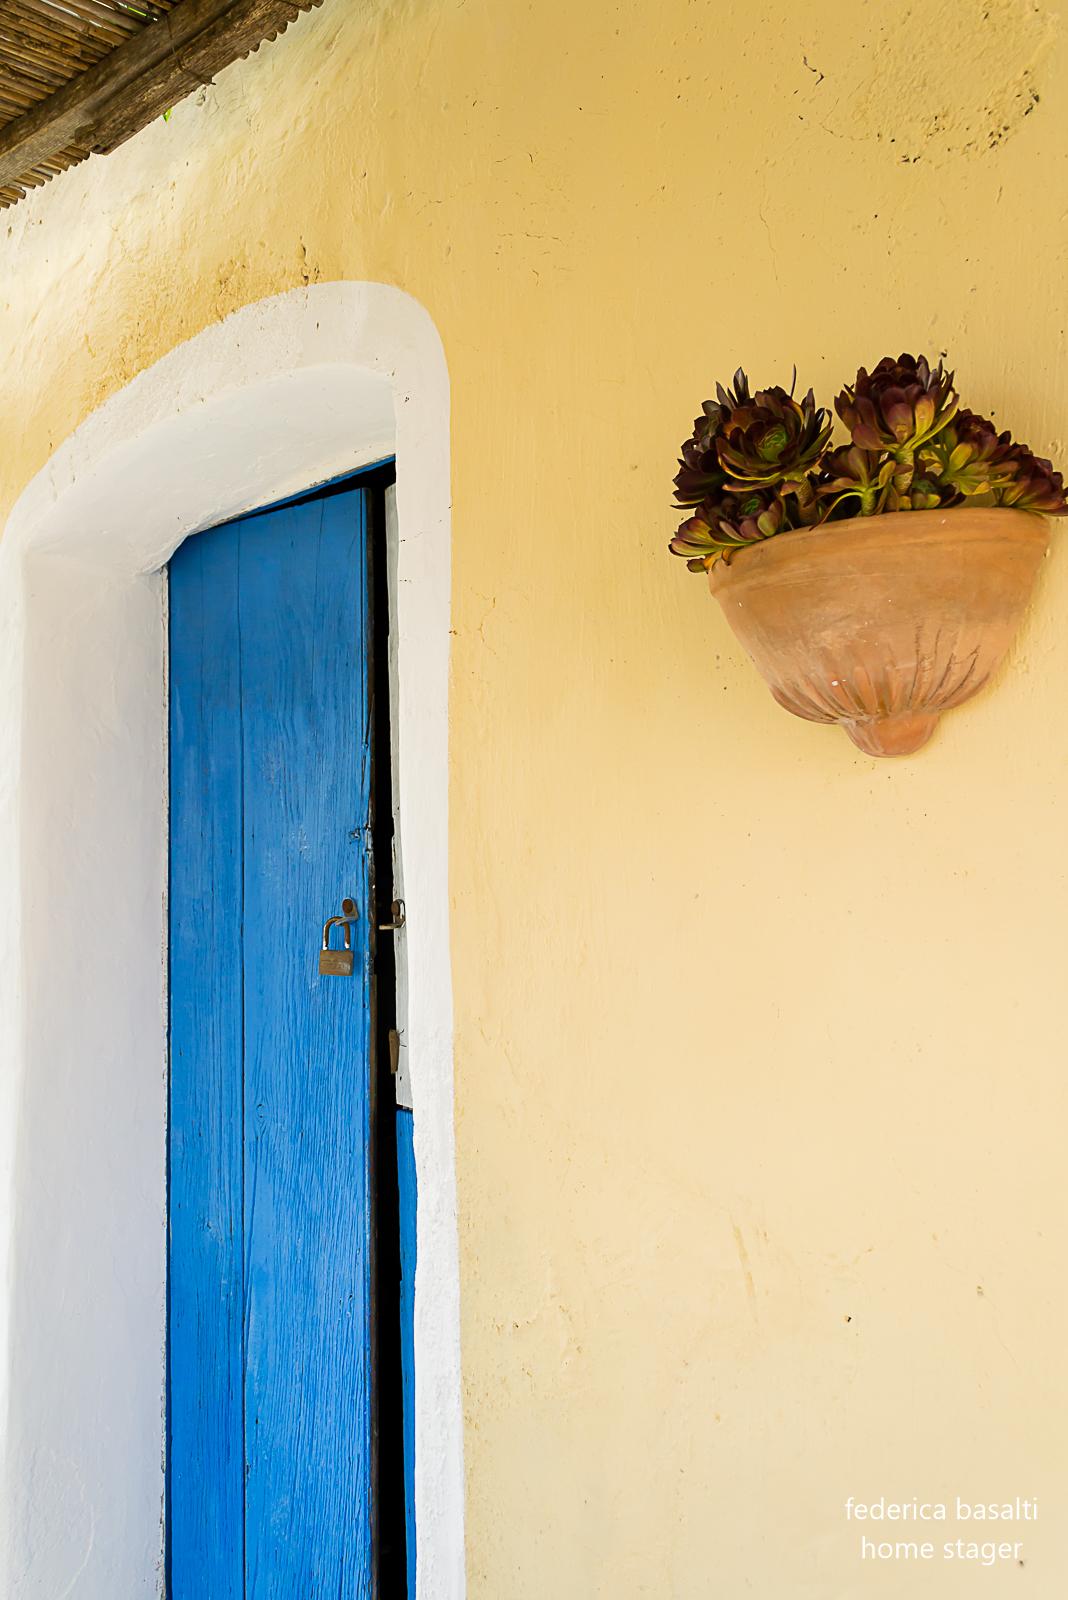 esterno casa vacanze - portone blu - home staging